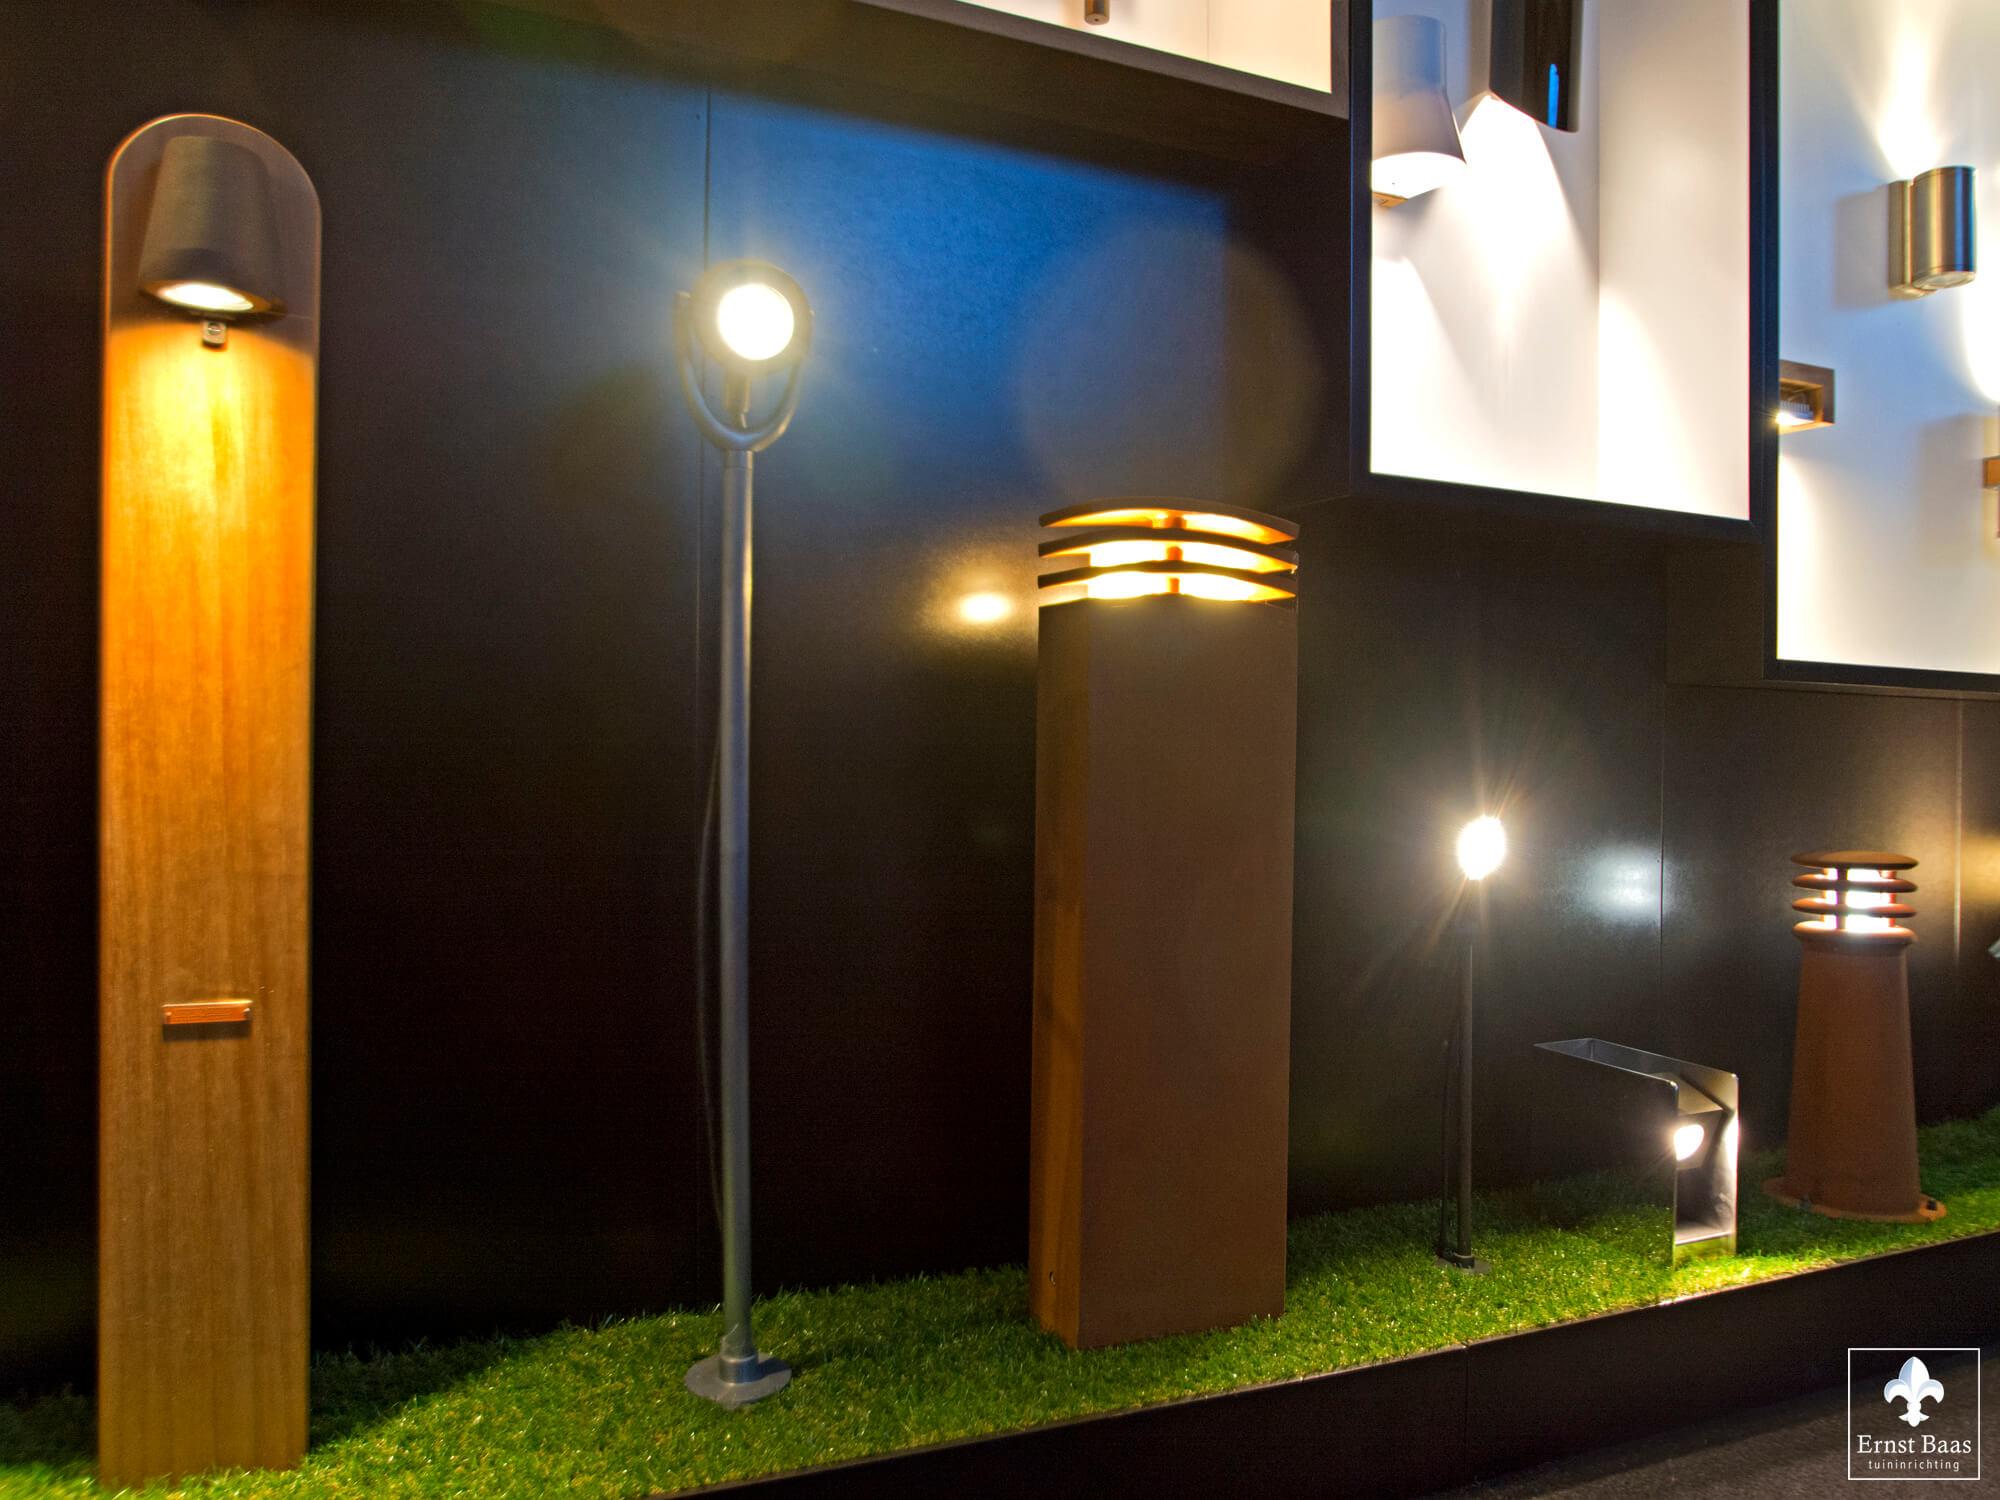 Royal Botania Staande lampen - verlichtingserie